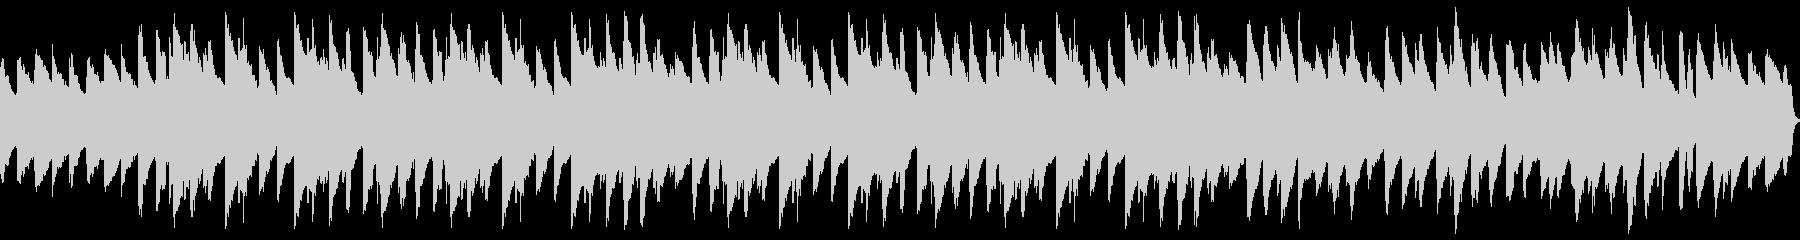 ラジオ体操的なソロピアノBGMの未再生の波形